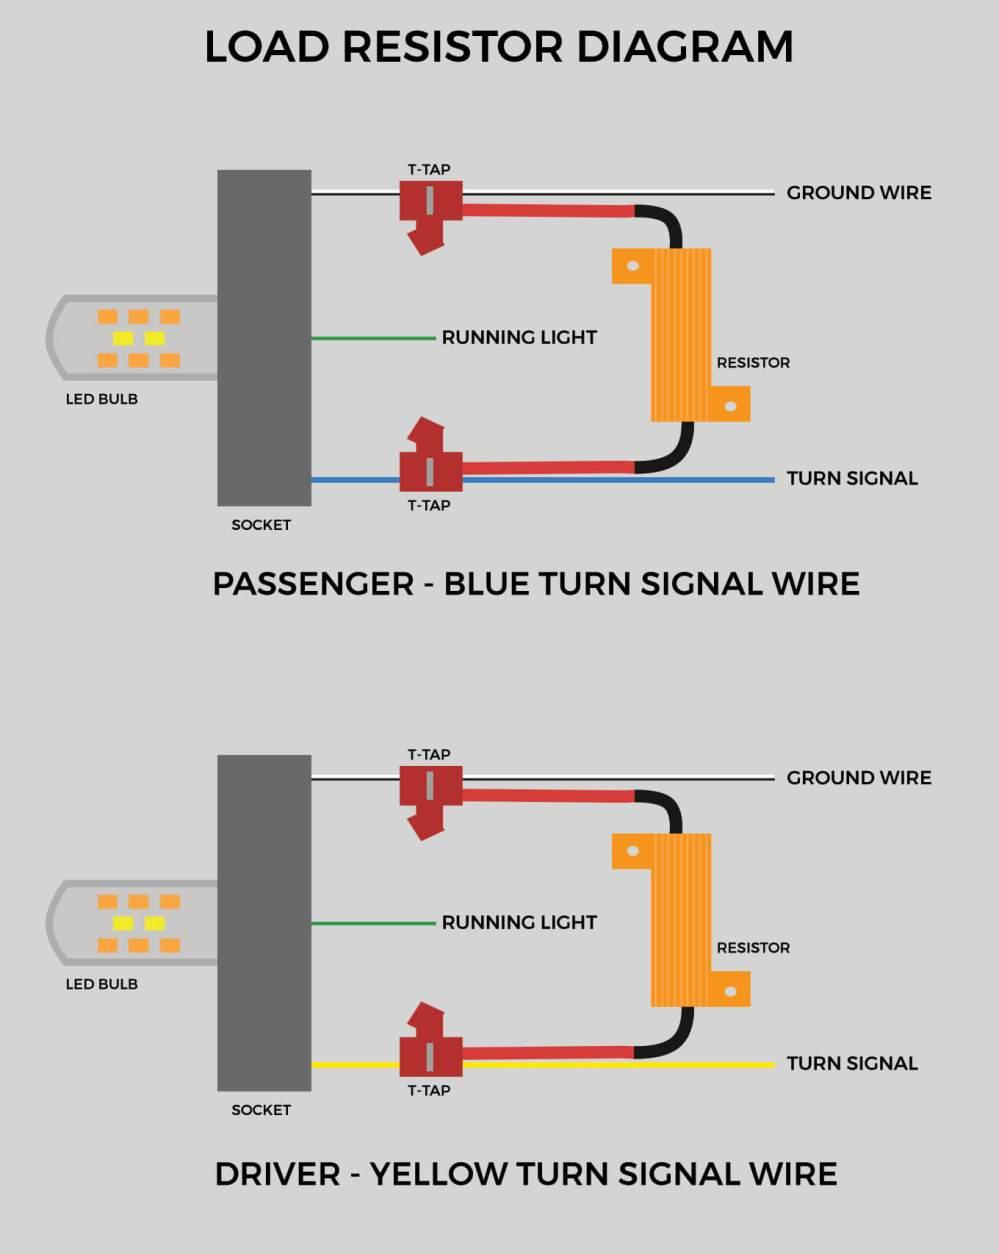 medium resolution of led load resistor wiring diagram wiring diagrams led resistor calculator led resistor wiring diagram